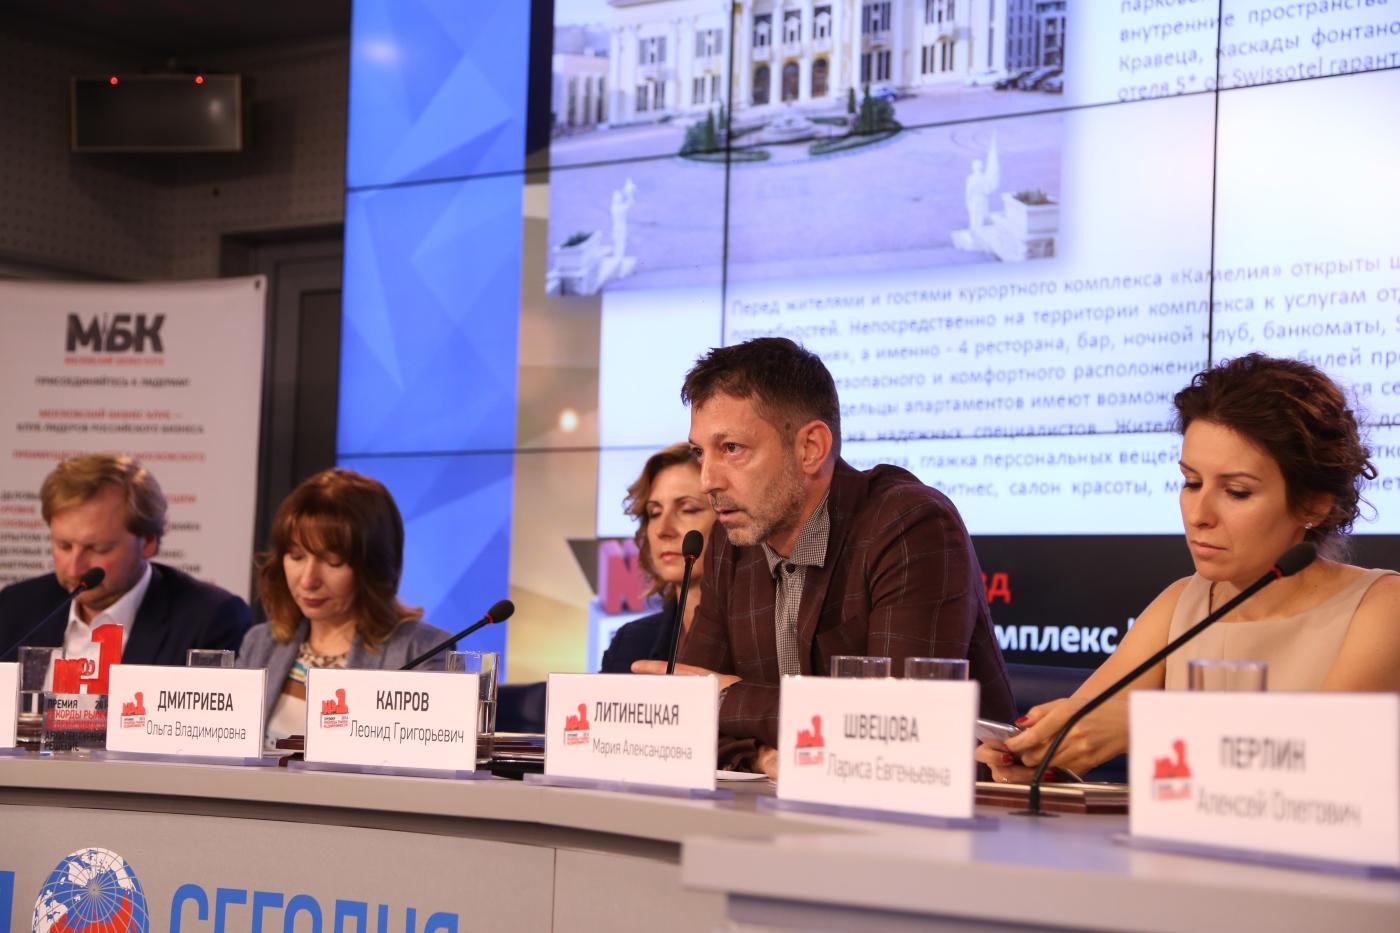 Капров Леонид, Старший вице-президент, Галс-Девелопмент